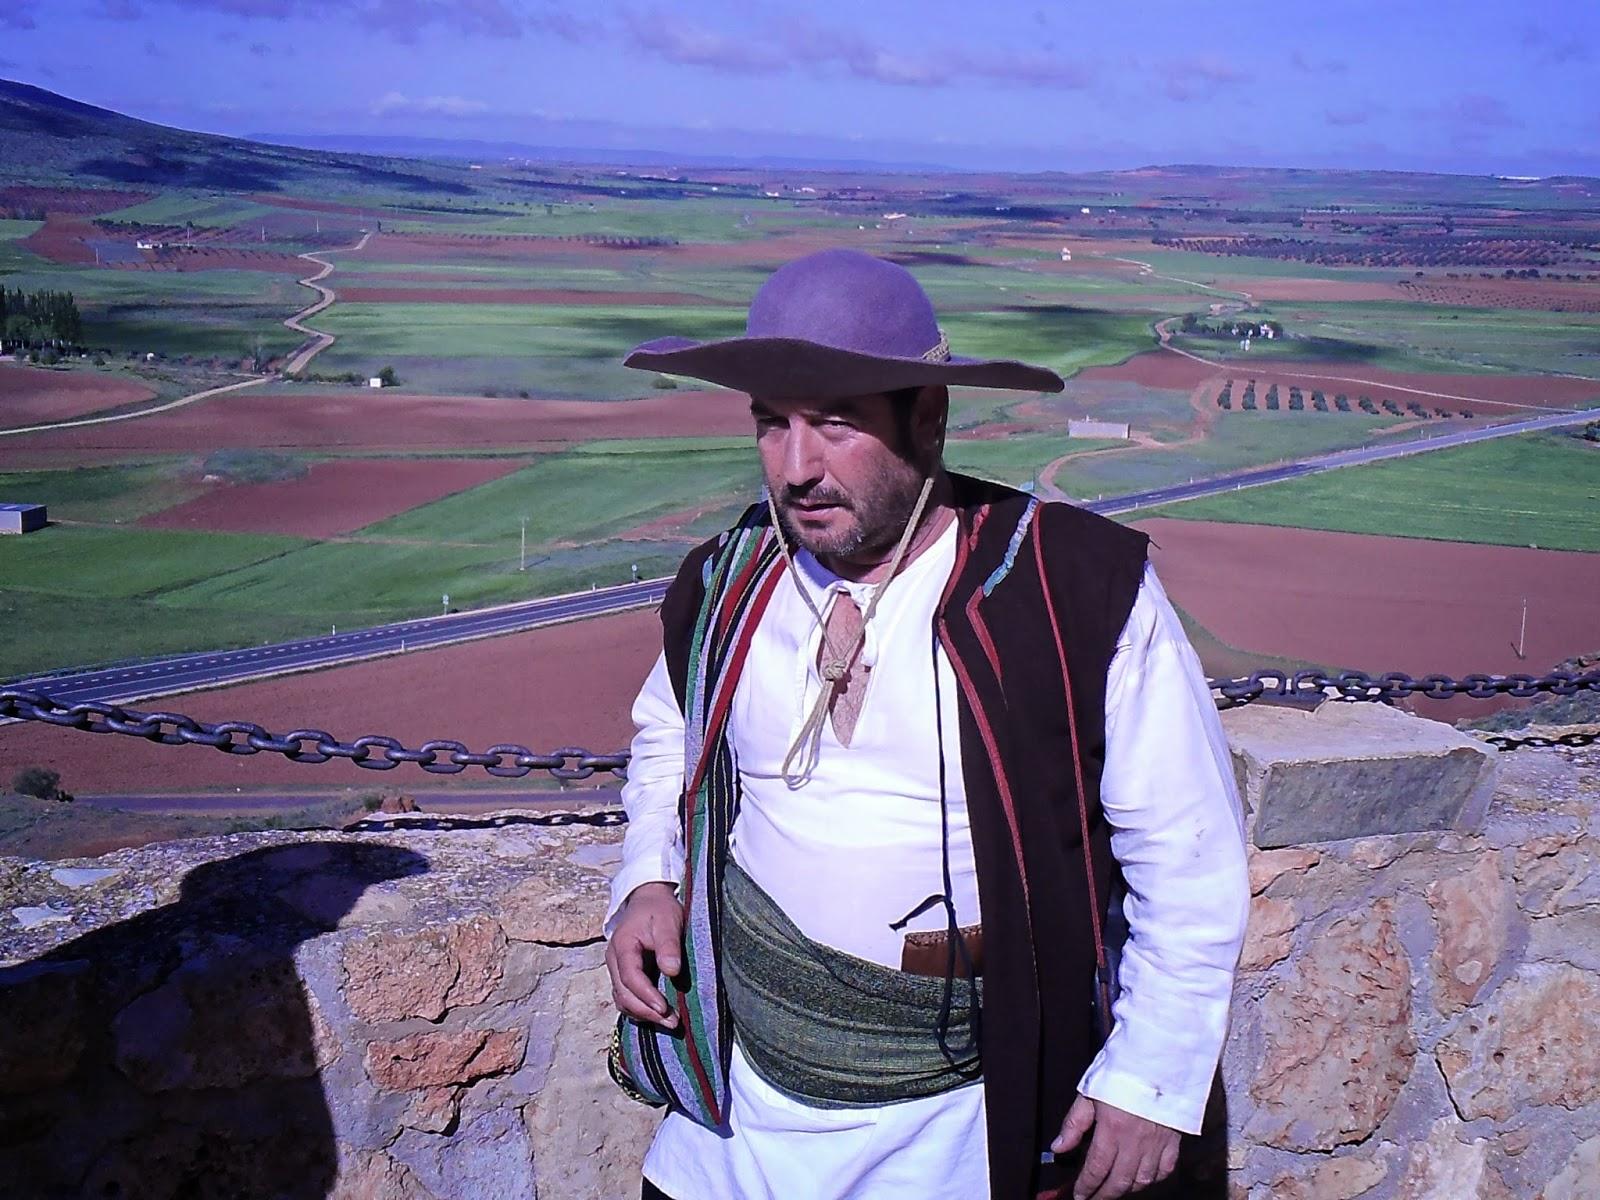 Campo de Montiel Historico, Campo de Montiel Abierto, Castilla La Mancha, España, Patrimonio de la Humanidad, Campo de Montiel,